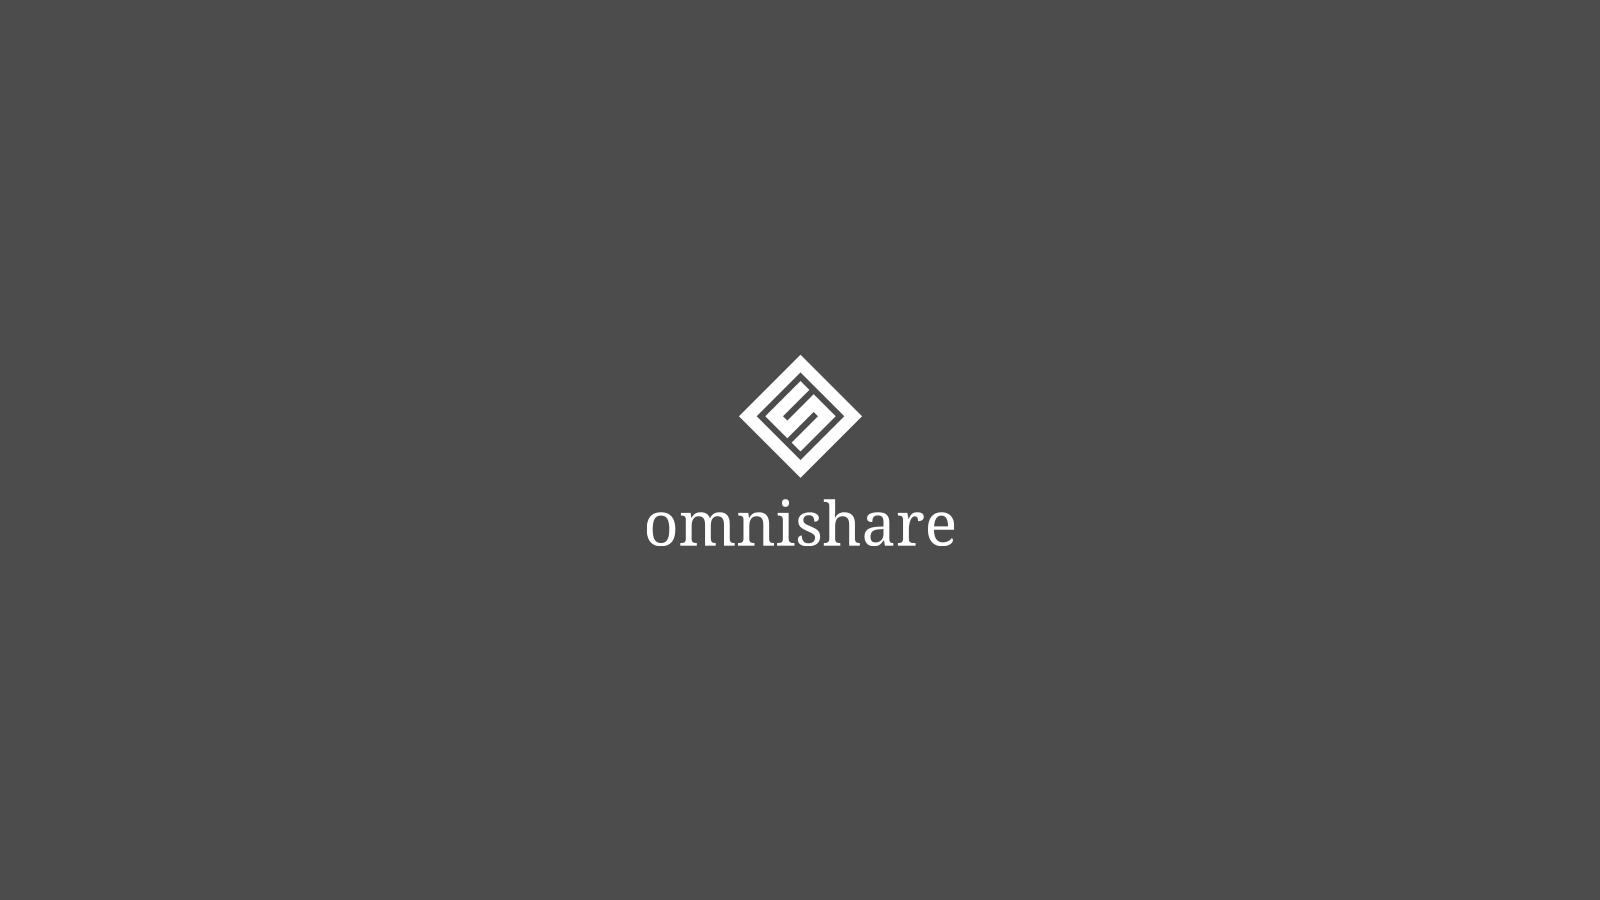 omnishare 3.jpg